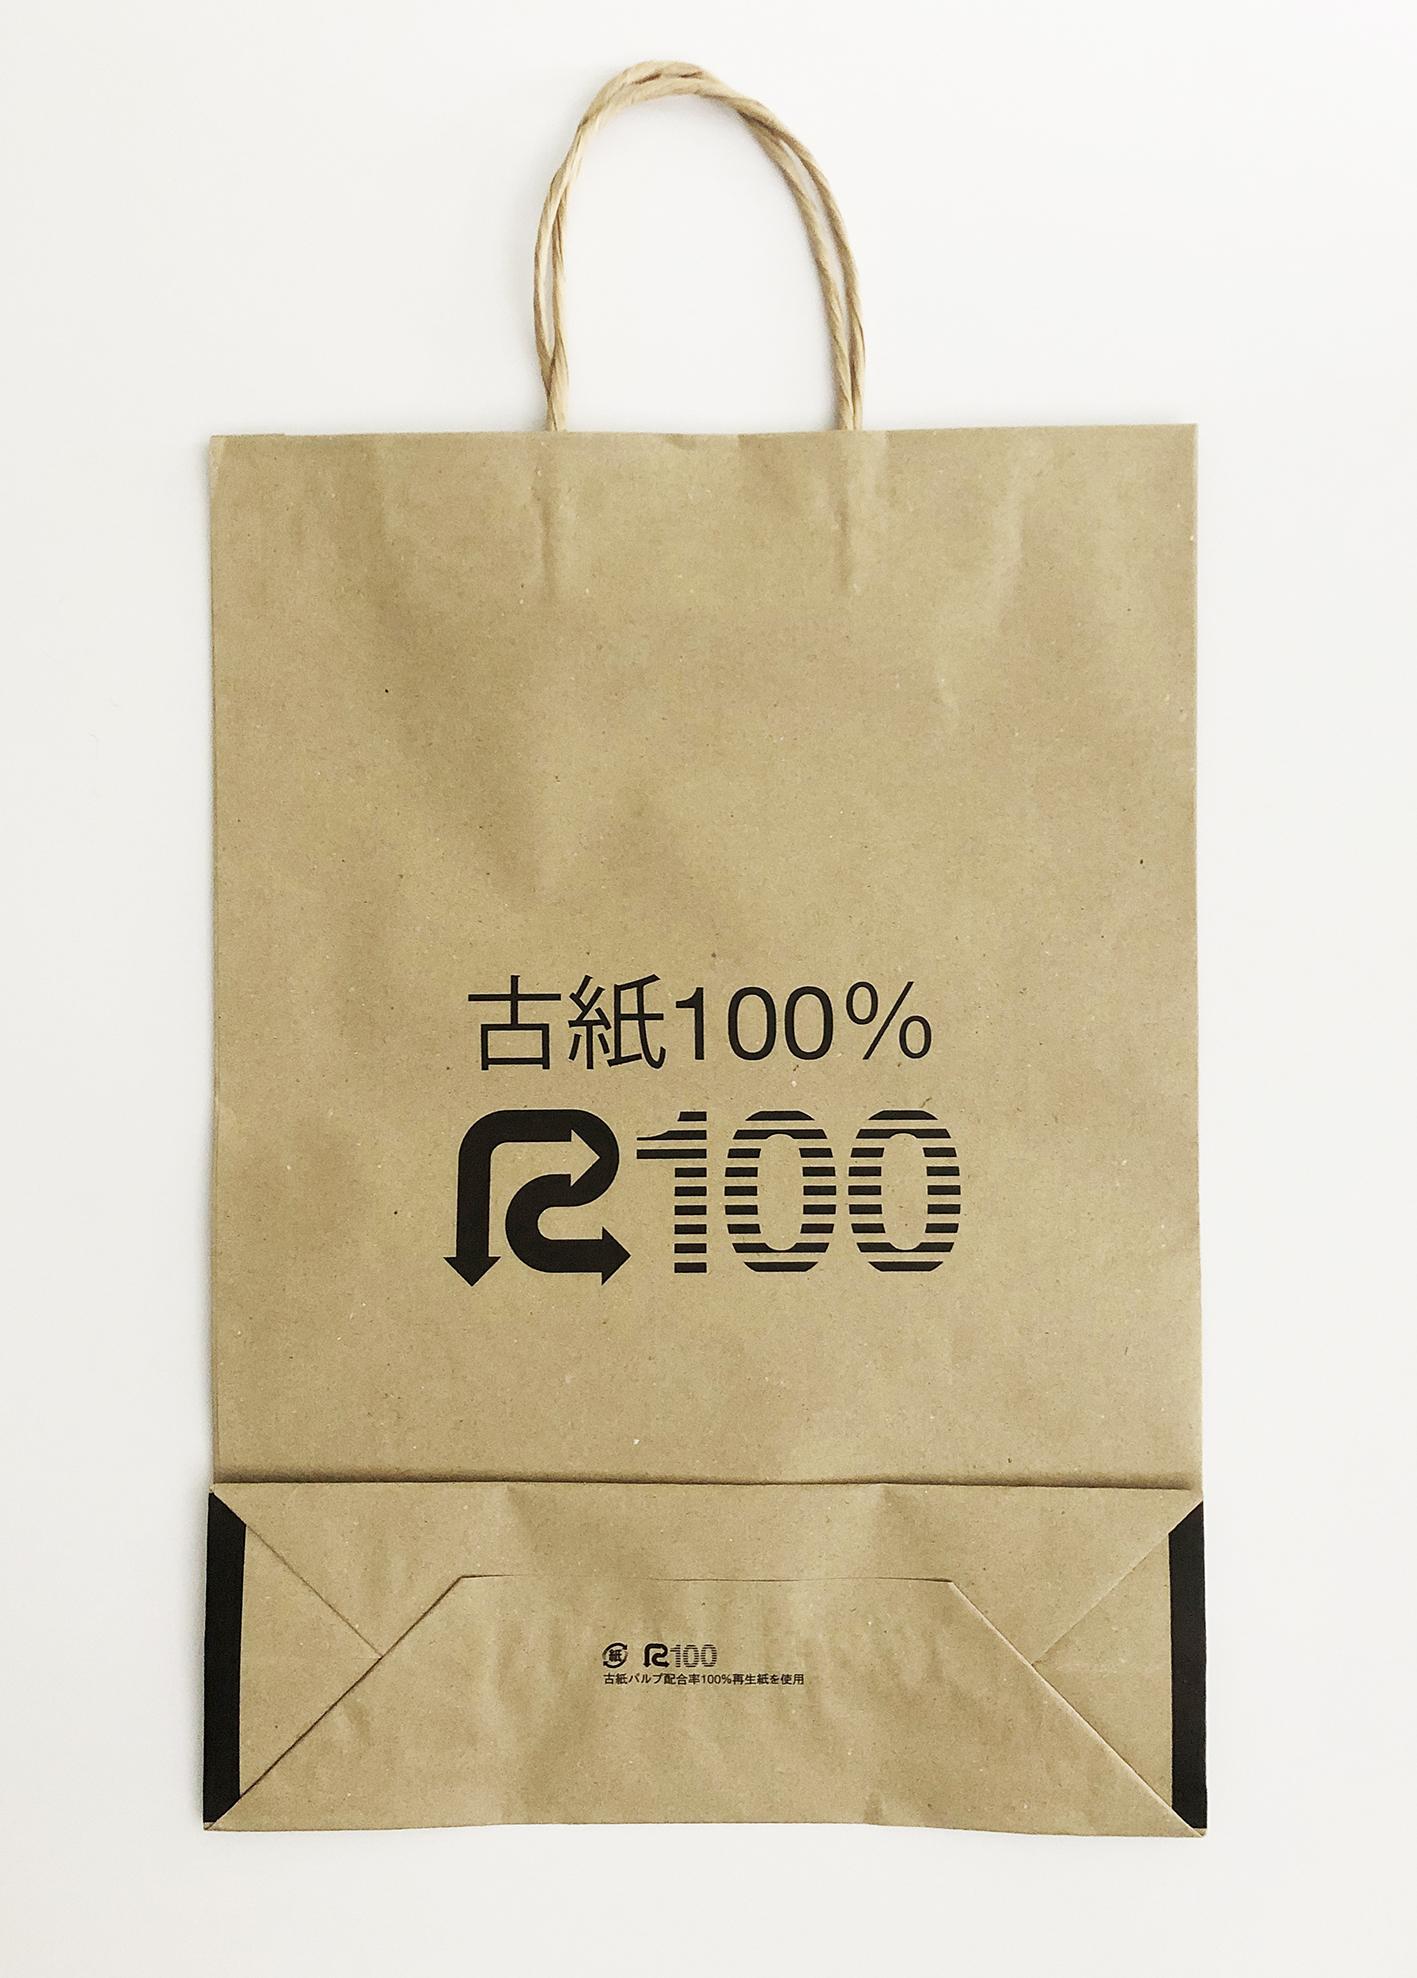 100%古紙紙袋が作成できるようになりました!